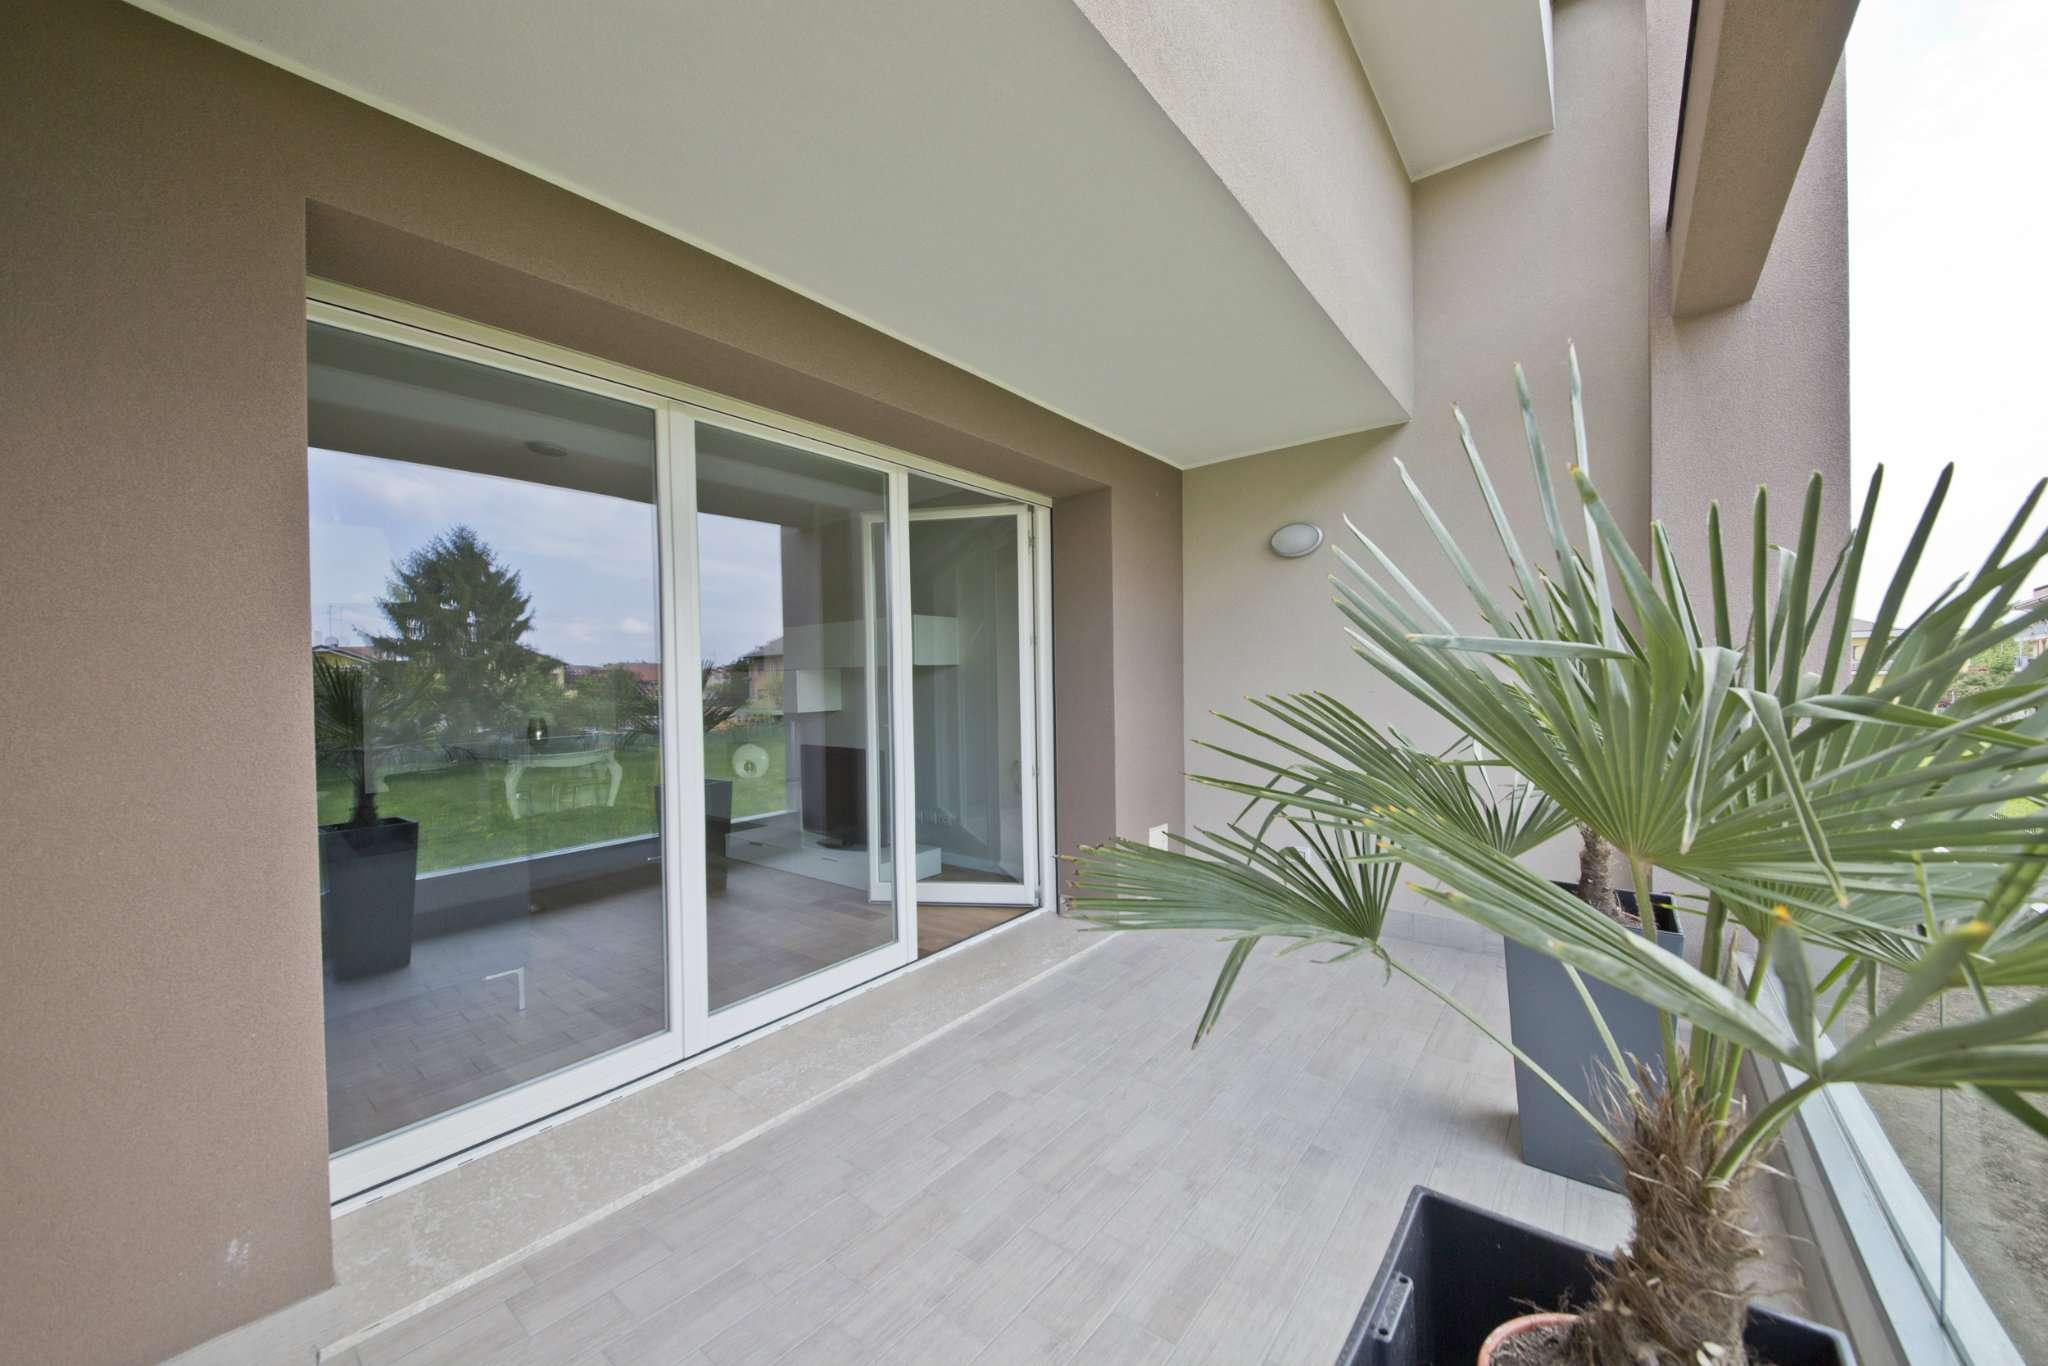 Appartamento in vendita a Cernusco sul Naviglio, 4 locali, prezzo € 384.000 | Cambio Casa.it